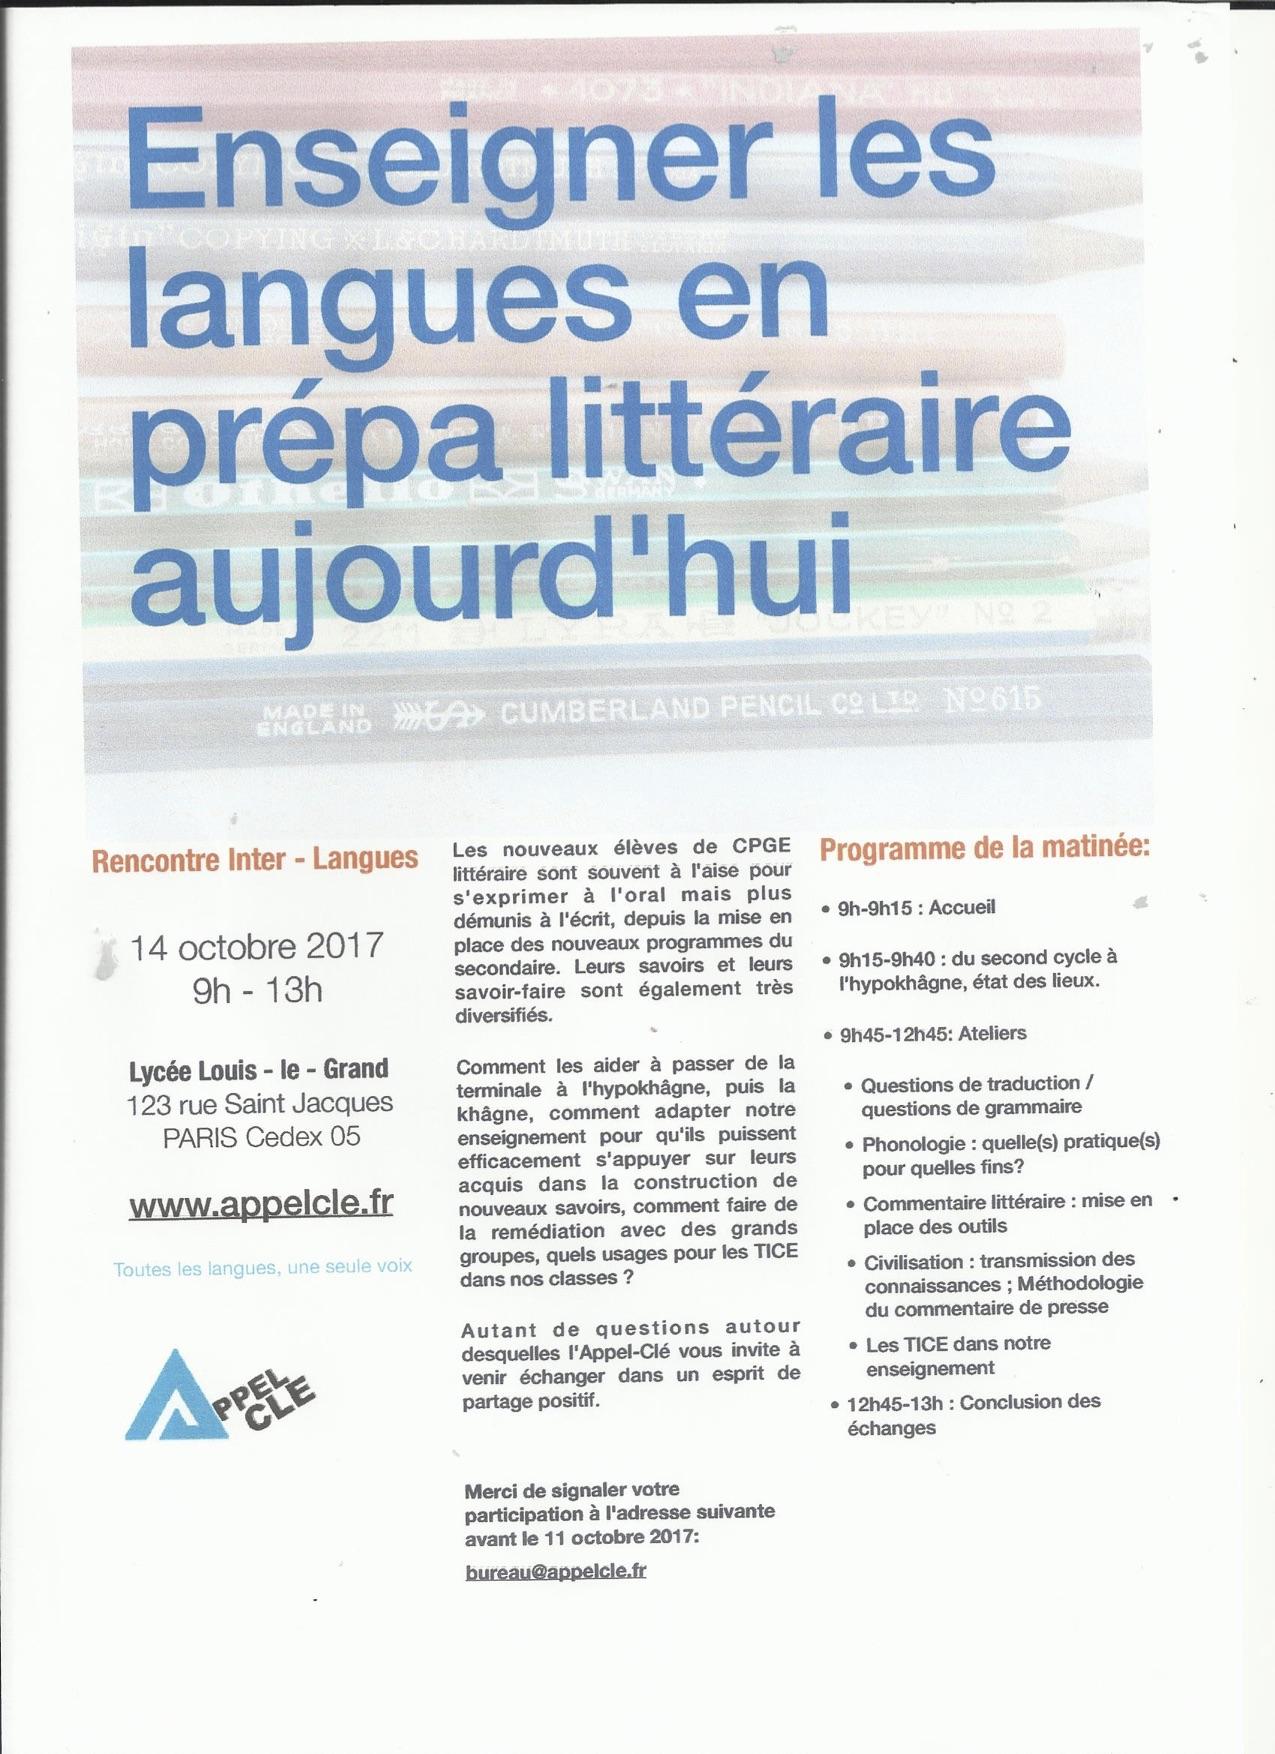 Rencontre Interlangues 14 octobre 2017